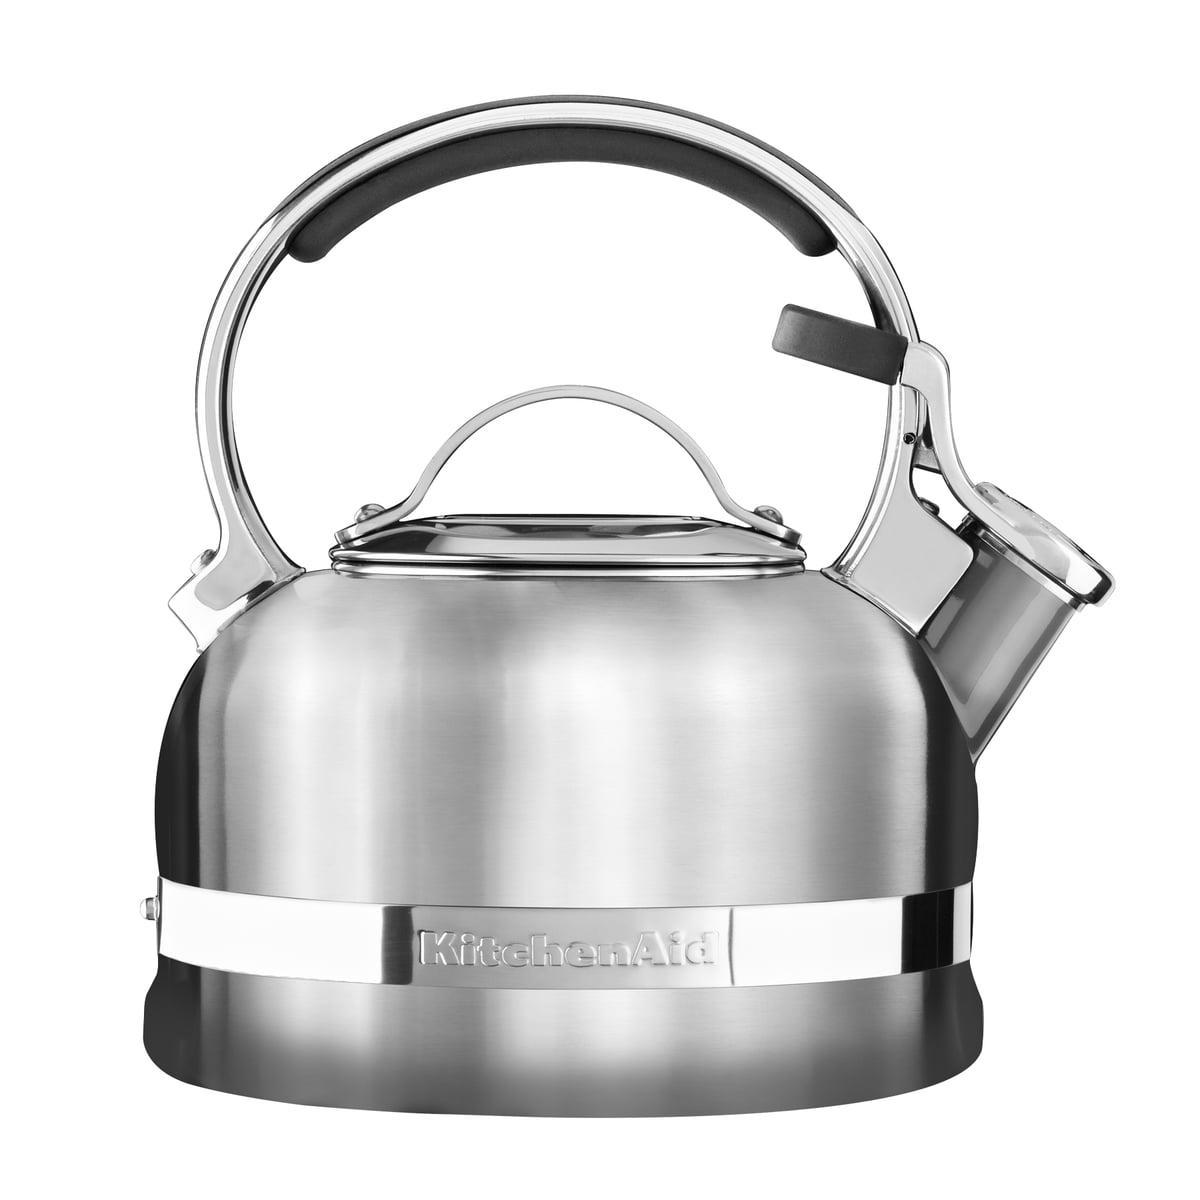 Kitchen Aid KitchenAid - Wasserkessel 1,9 l, Edelstahl | Küche und Esszimmer > Küchengeräte | Edelstahl | Edelstahl -  aluminium -  kunststoff | Kitchen Aid